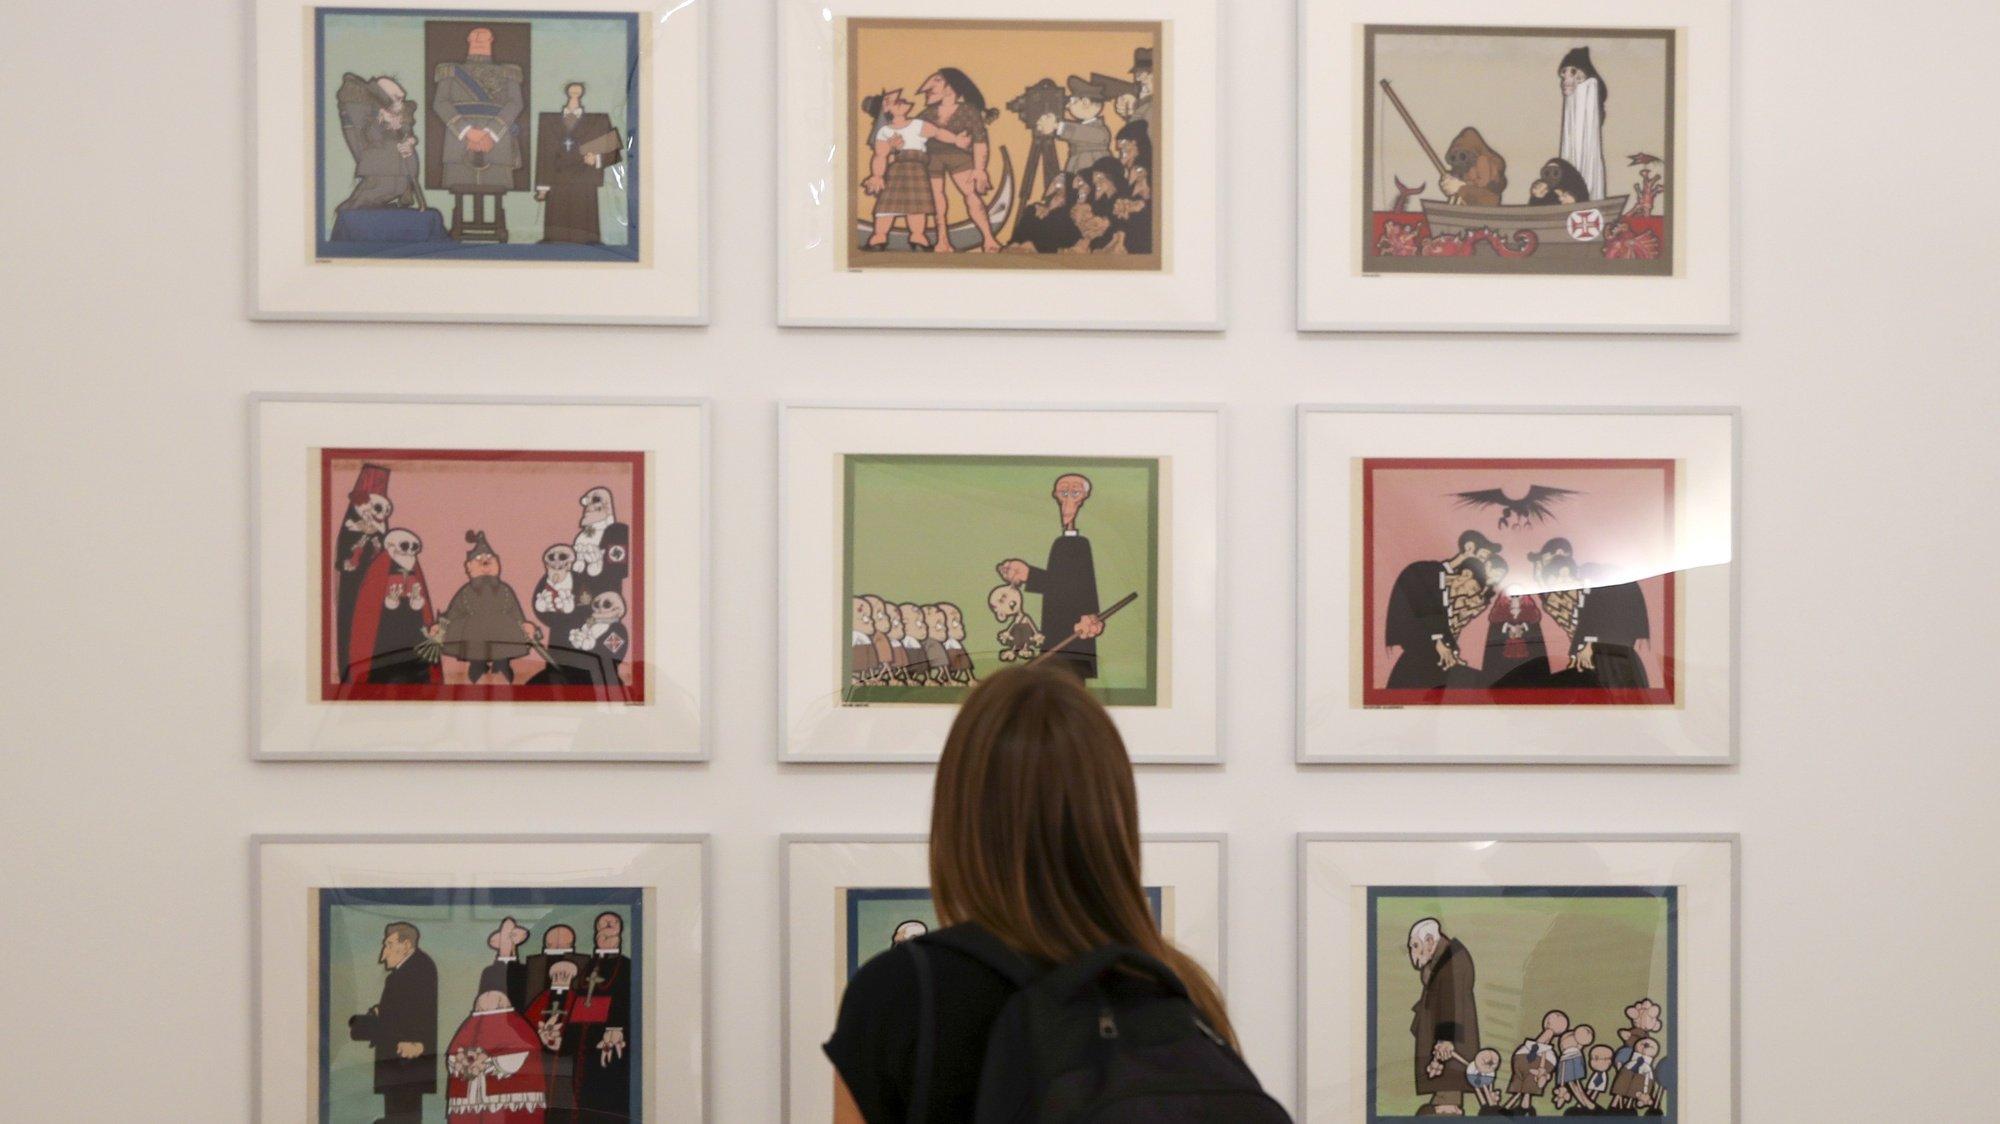 """Exposição """"João Abel Manta: A Máquina de Imagens"""" do arquiteto, ilustrador, cartoonista e pintor, que irá estar aberta ao público a partir de dia 06 de outubro, na Fundação D. Luís I , no Palácio Cidadela de Cascais, 4 de outubro de 2021. MANUEL DE ALMEIDA/LUSA"""